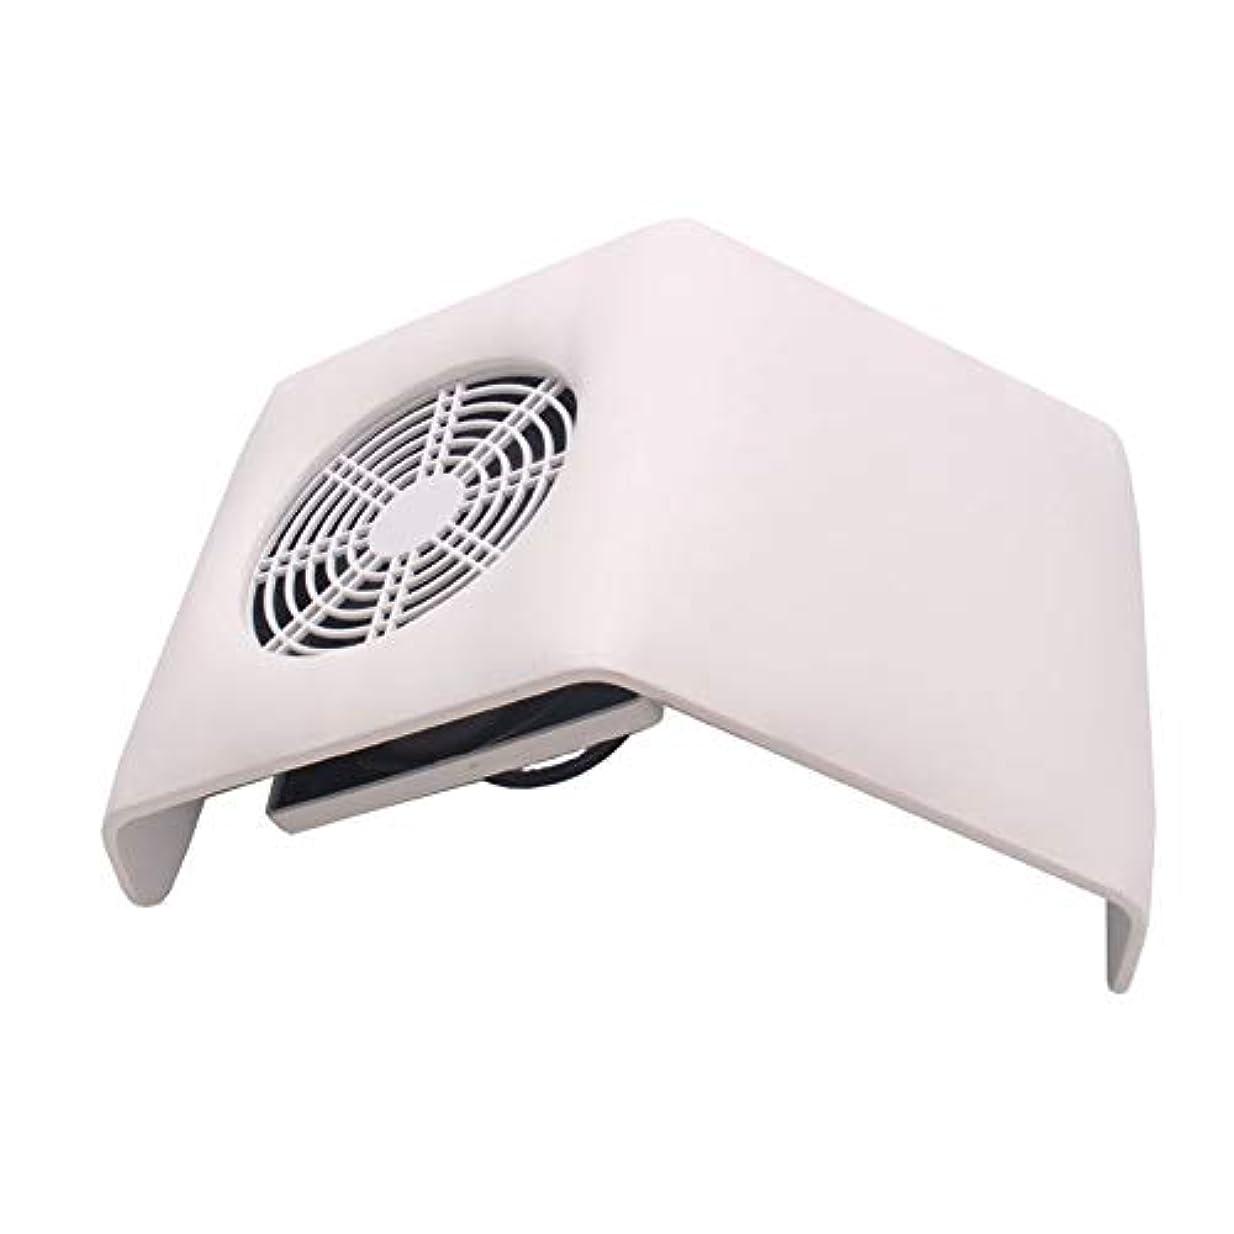 アナロジーマスクとして集塵機吸引ファン、2つの集塵袋付きネイル掃除機バッグネイルアートマニキュアサロンツールの収集マニキュアの工作機械ダストネイル (Color : White)